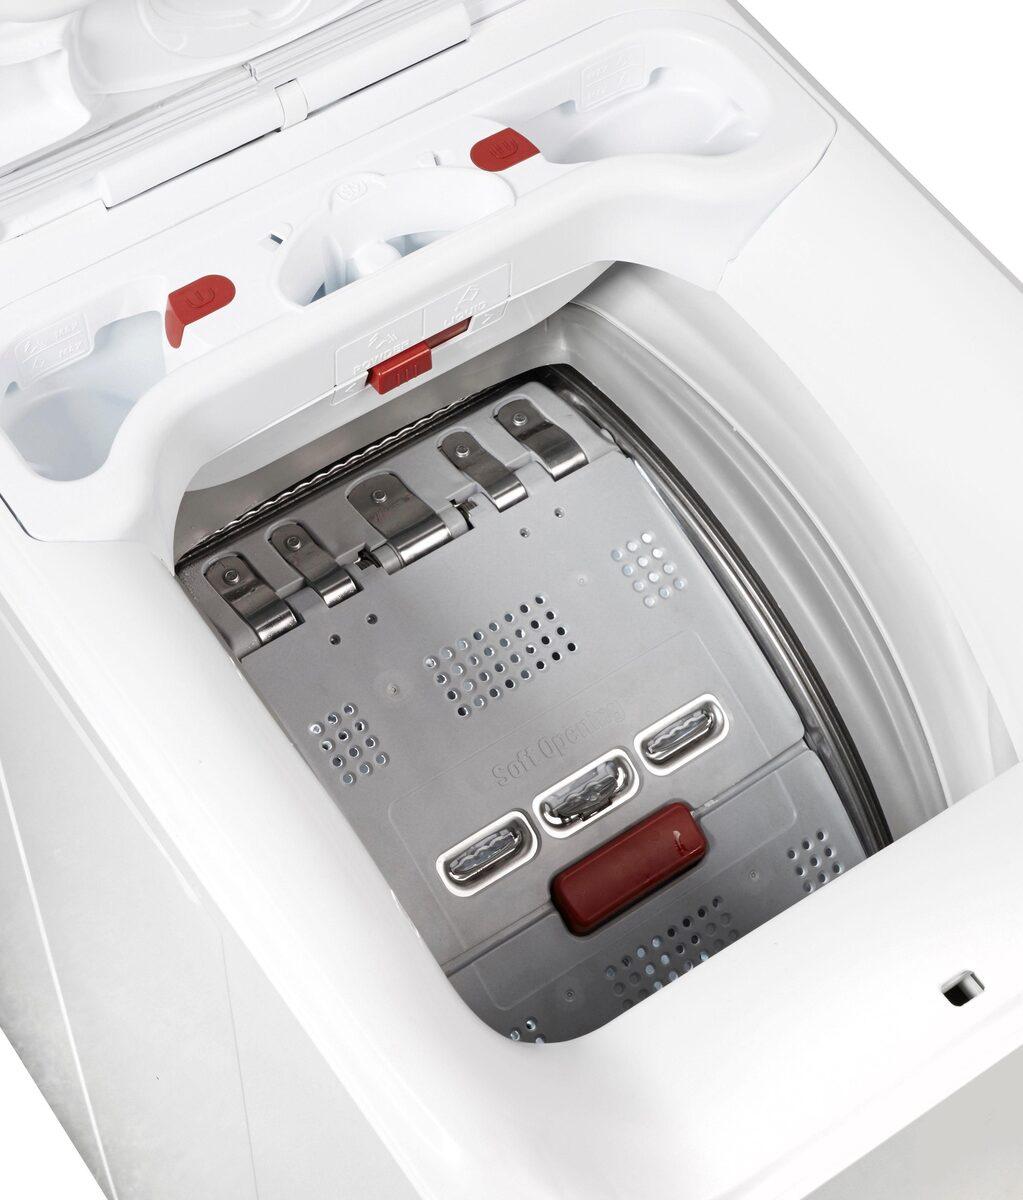 Bild 4 von AEG Waschmaschine Toplader L51260TL 913103502, 6 kg, 1200 U/Min, Nachlegefunktion